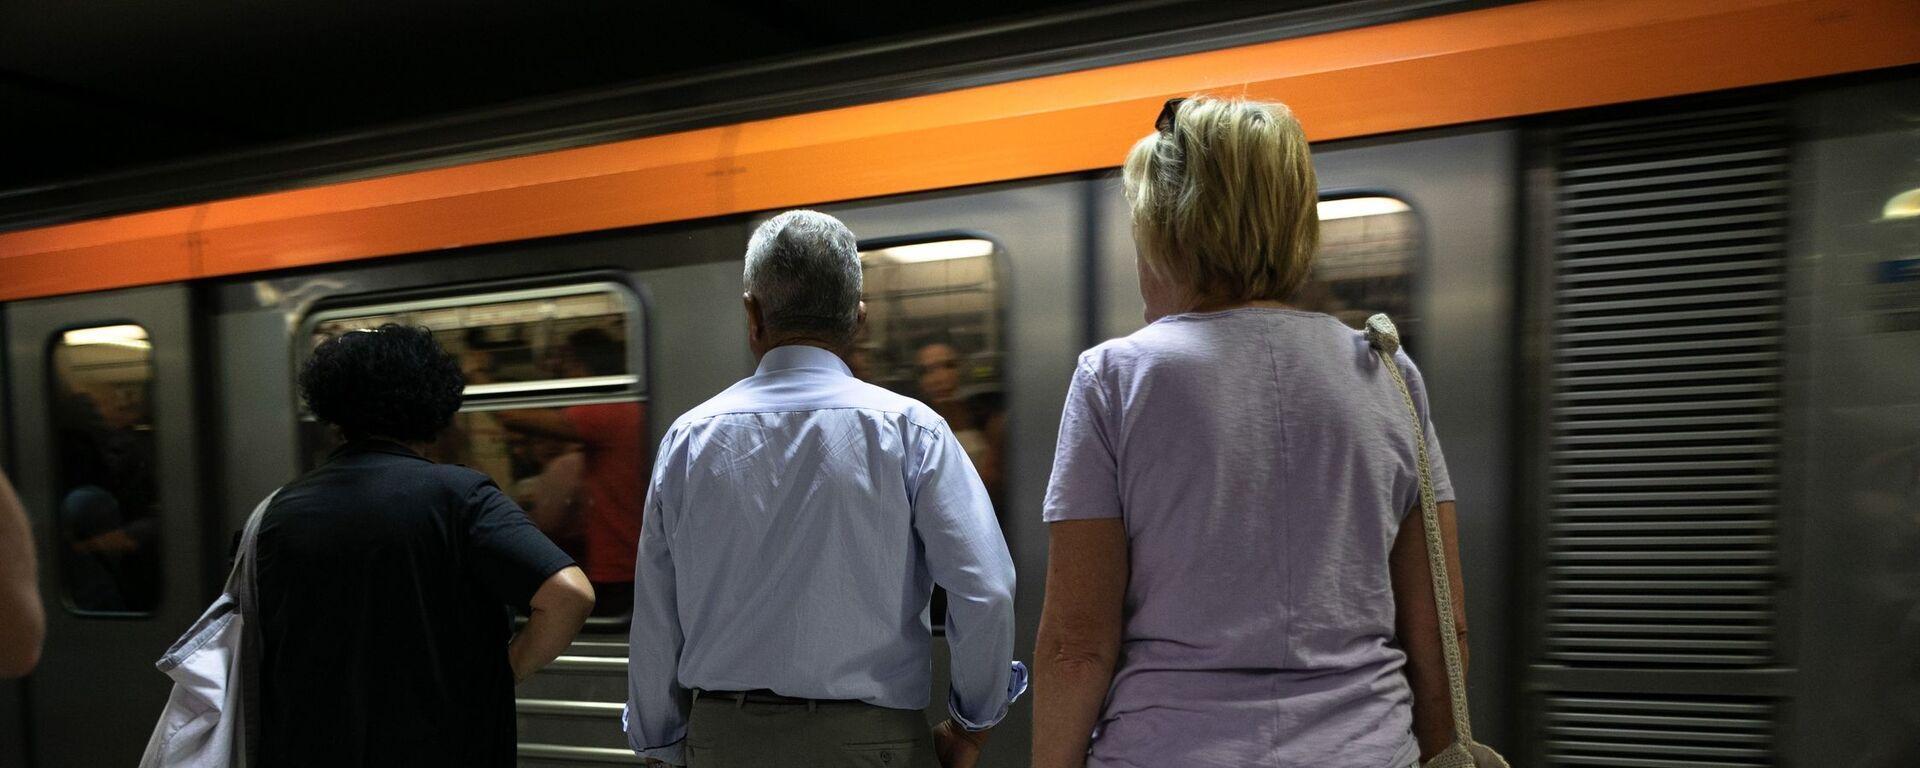 Κόσμος περιμένει το μετρό.  - Sputnik Ελλάδα, 1920, 16.09.2021